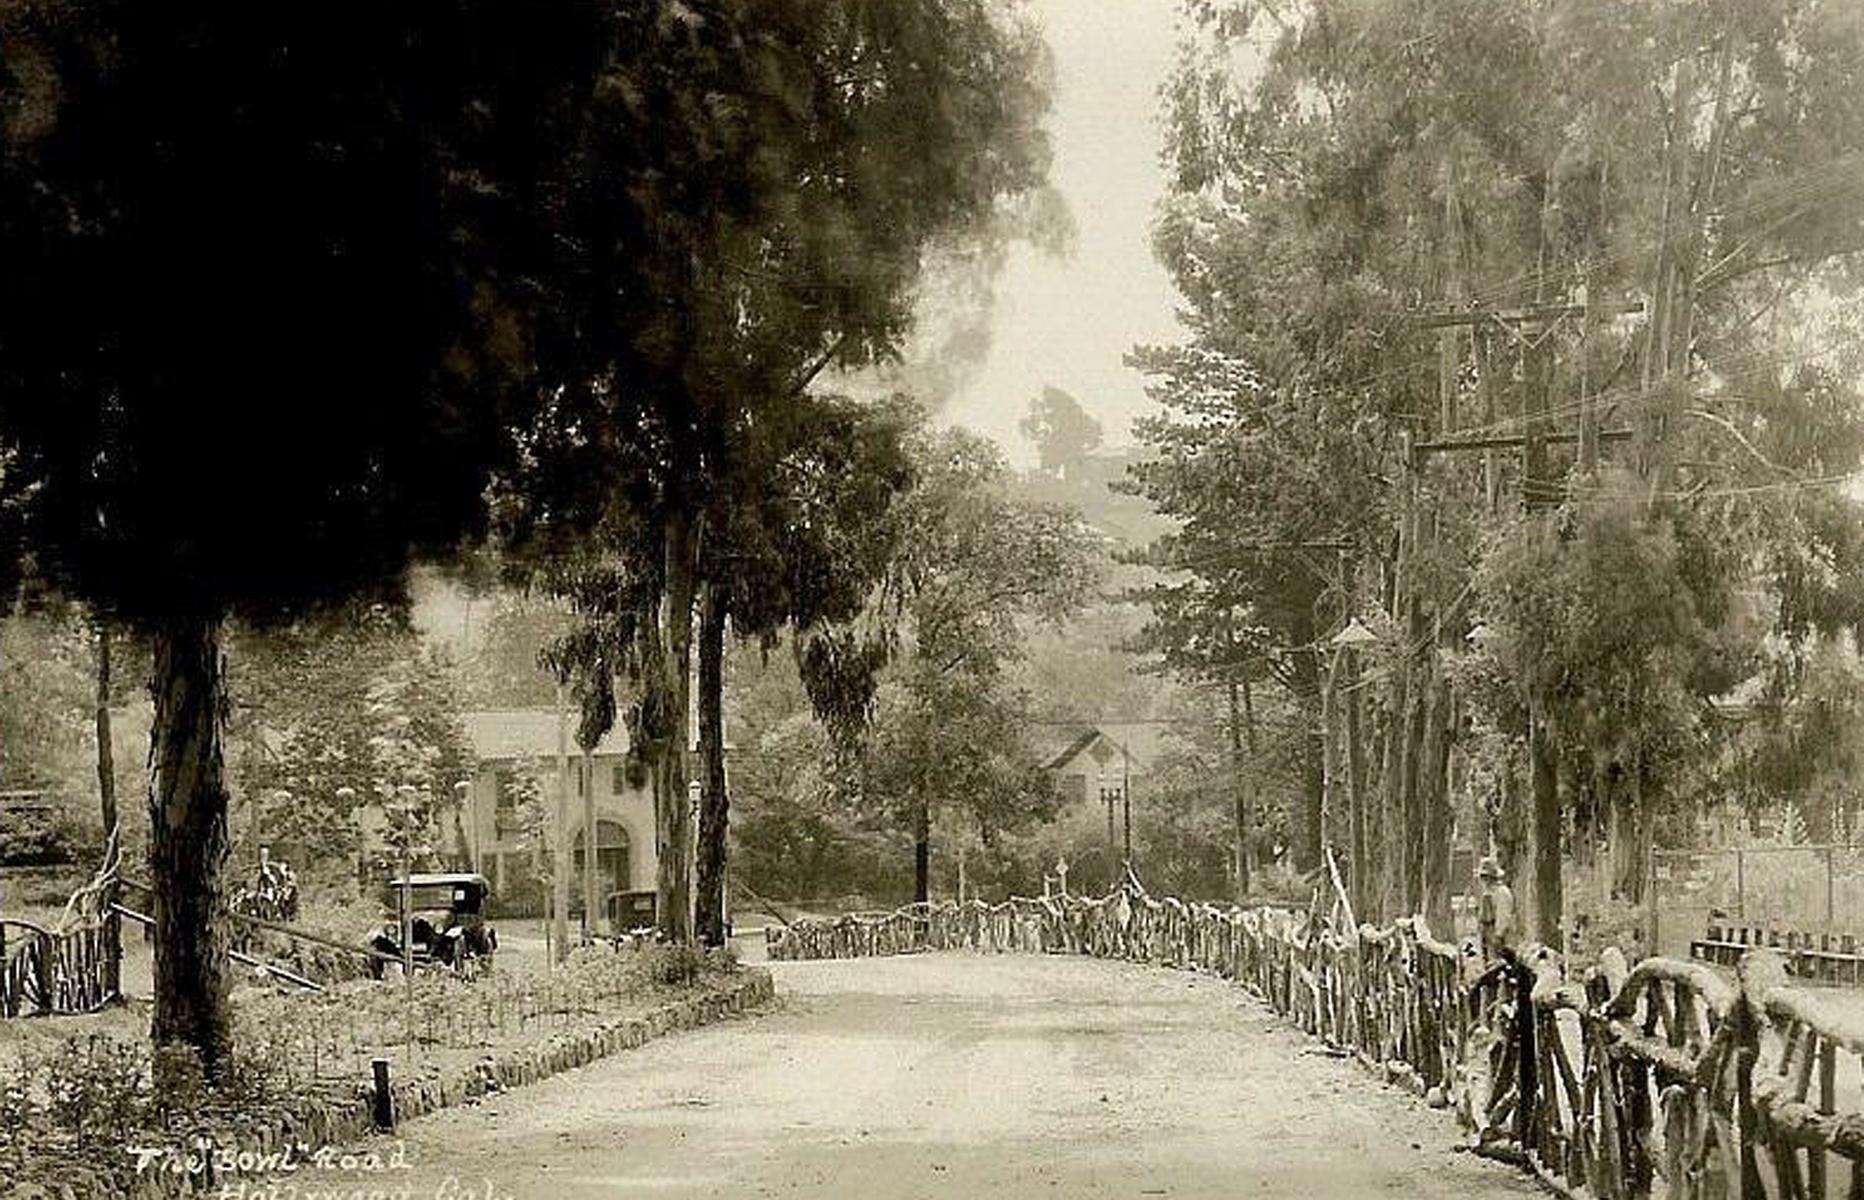 Hollywood Bowl Road